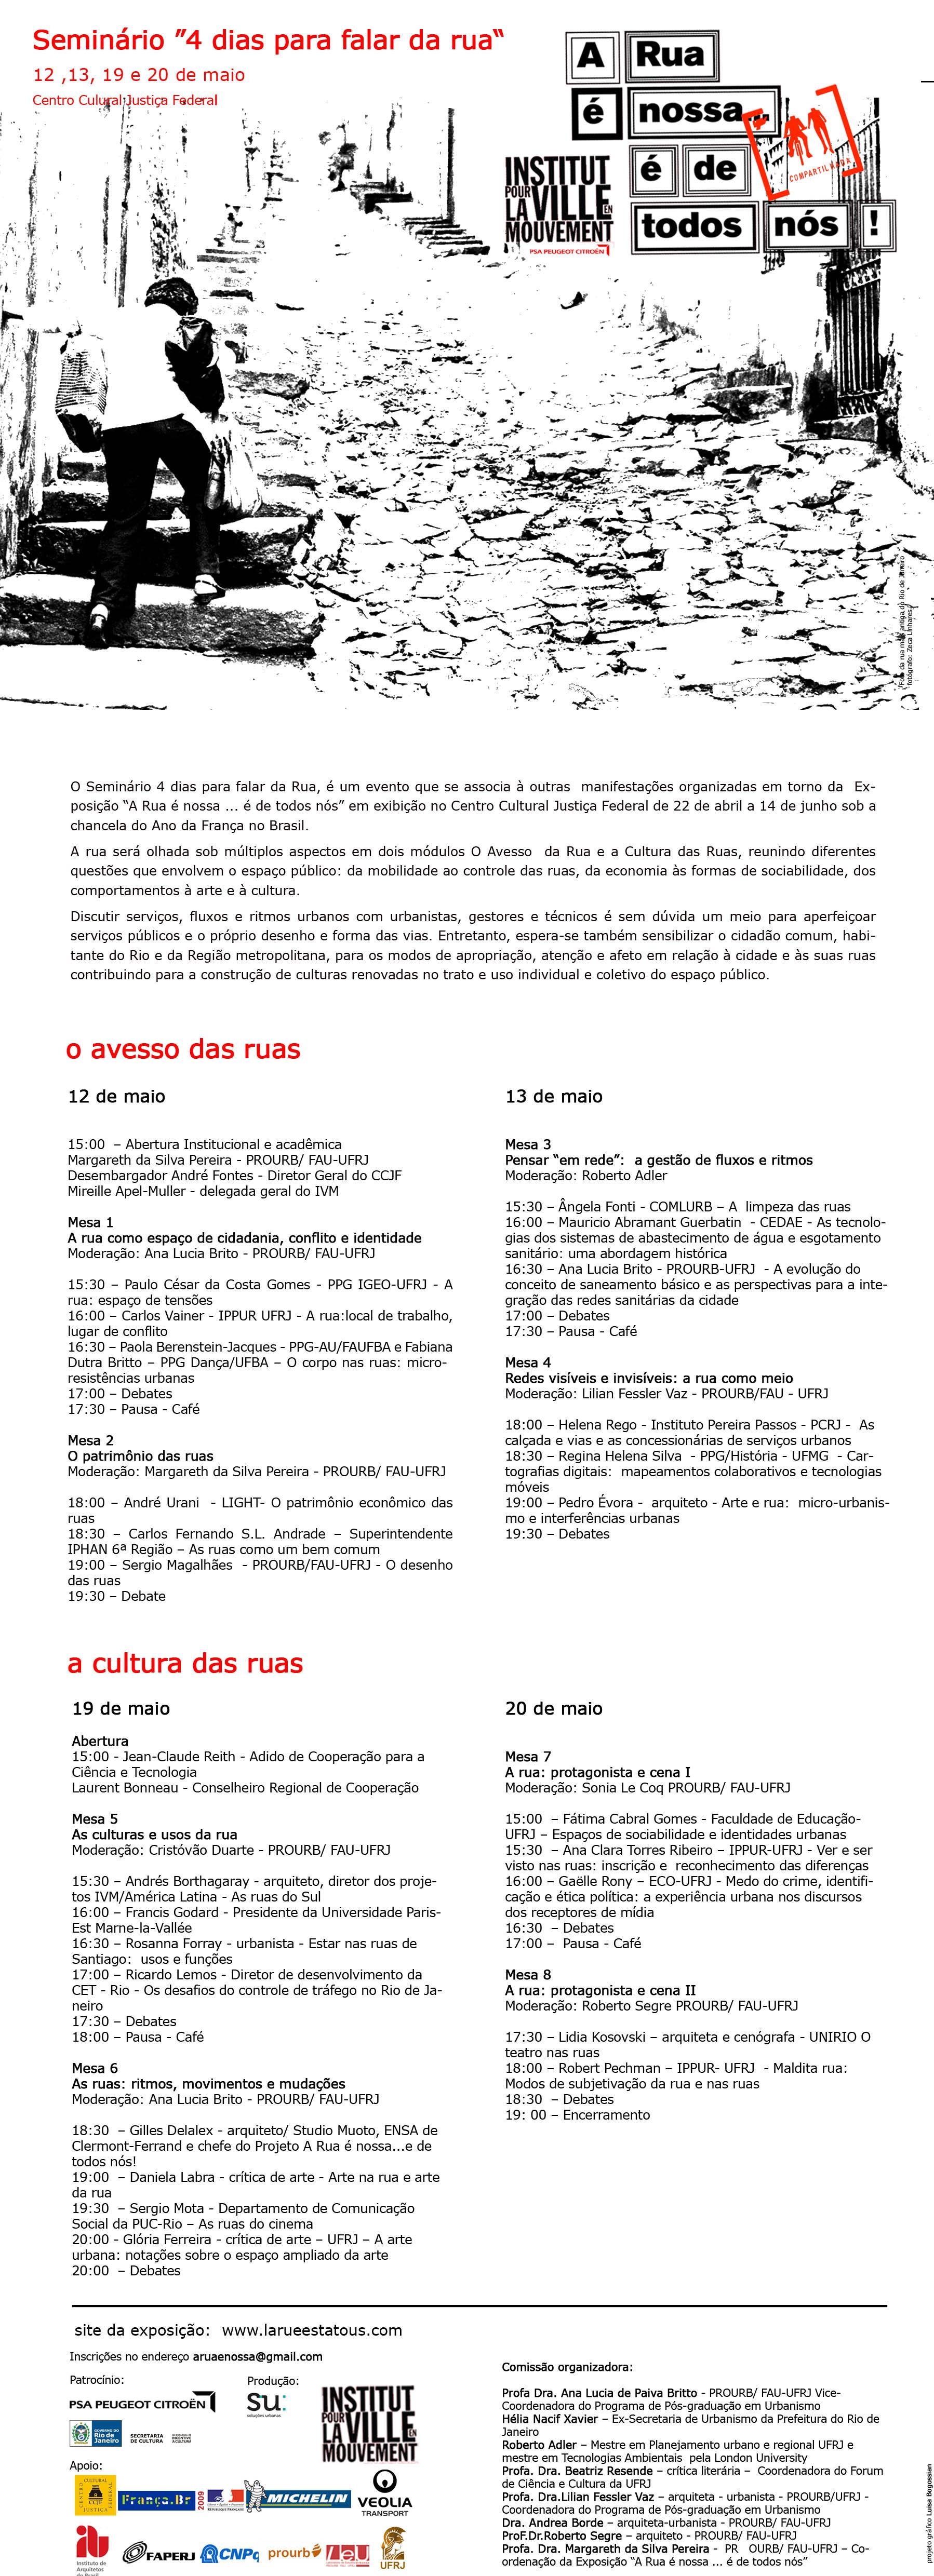 règles de sécurité pour les rencontres en ligne UFMG